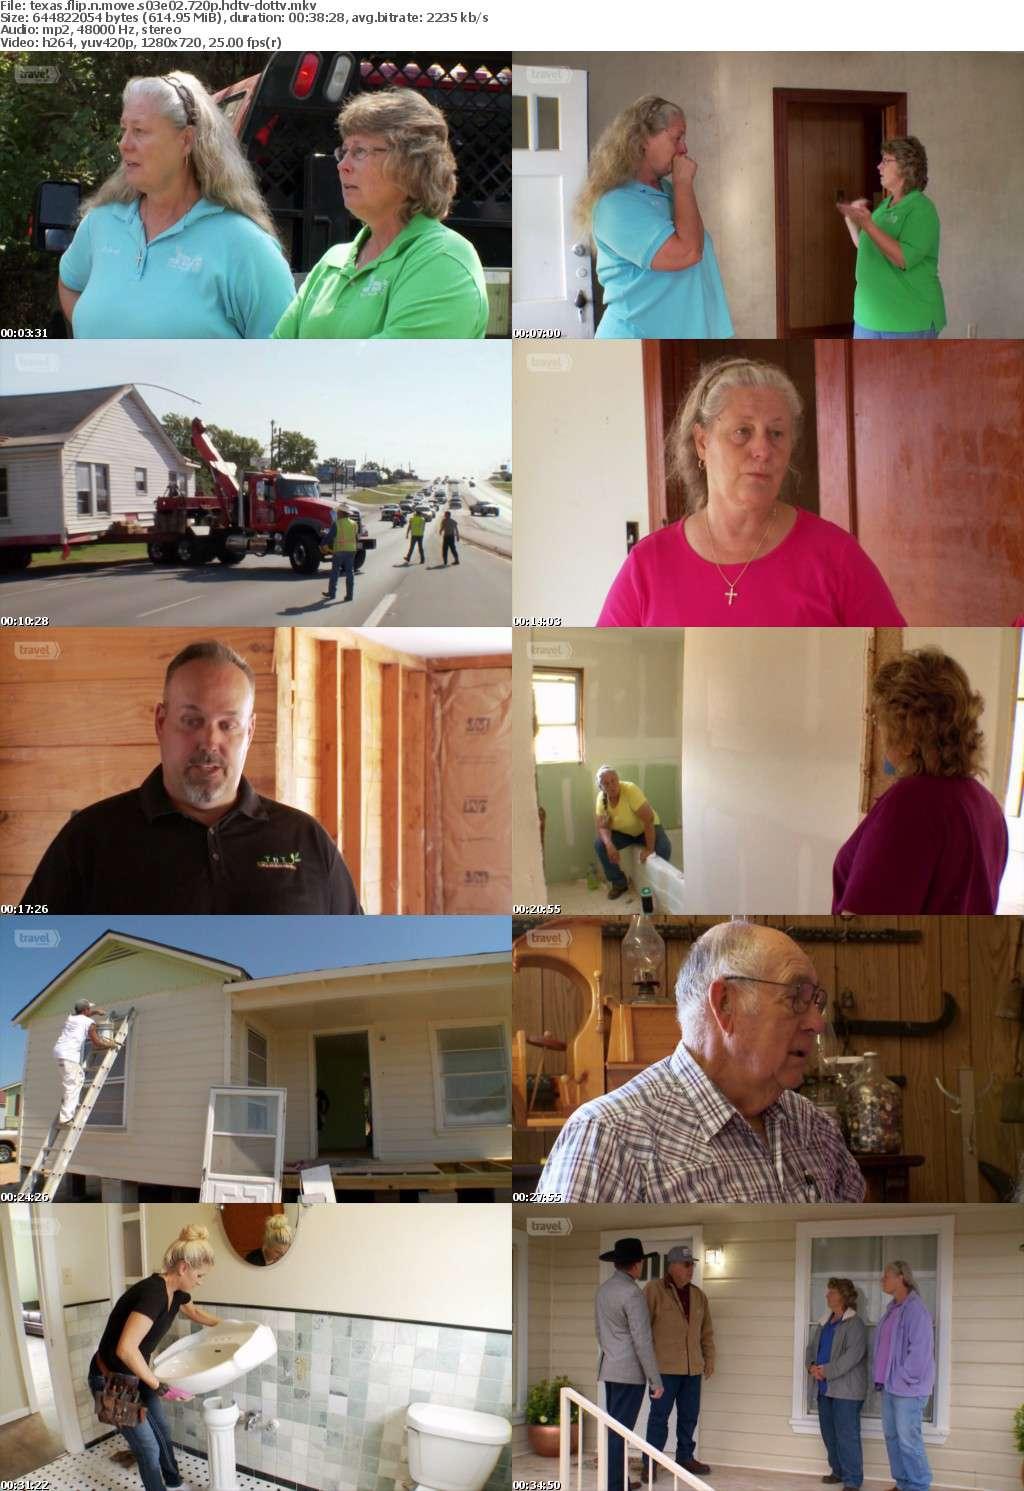 Texas Flip N Move S03E02 720p HDTV x264-dotTV